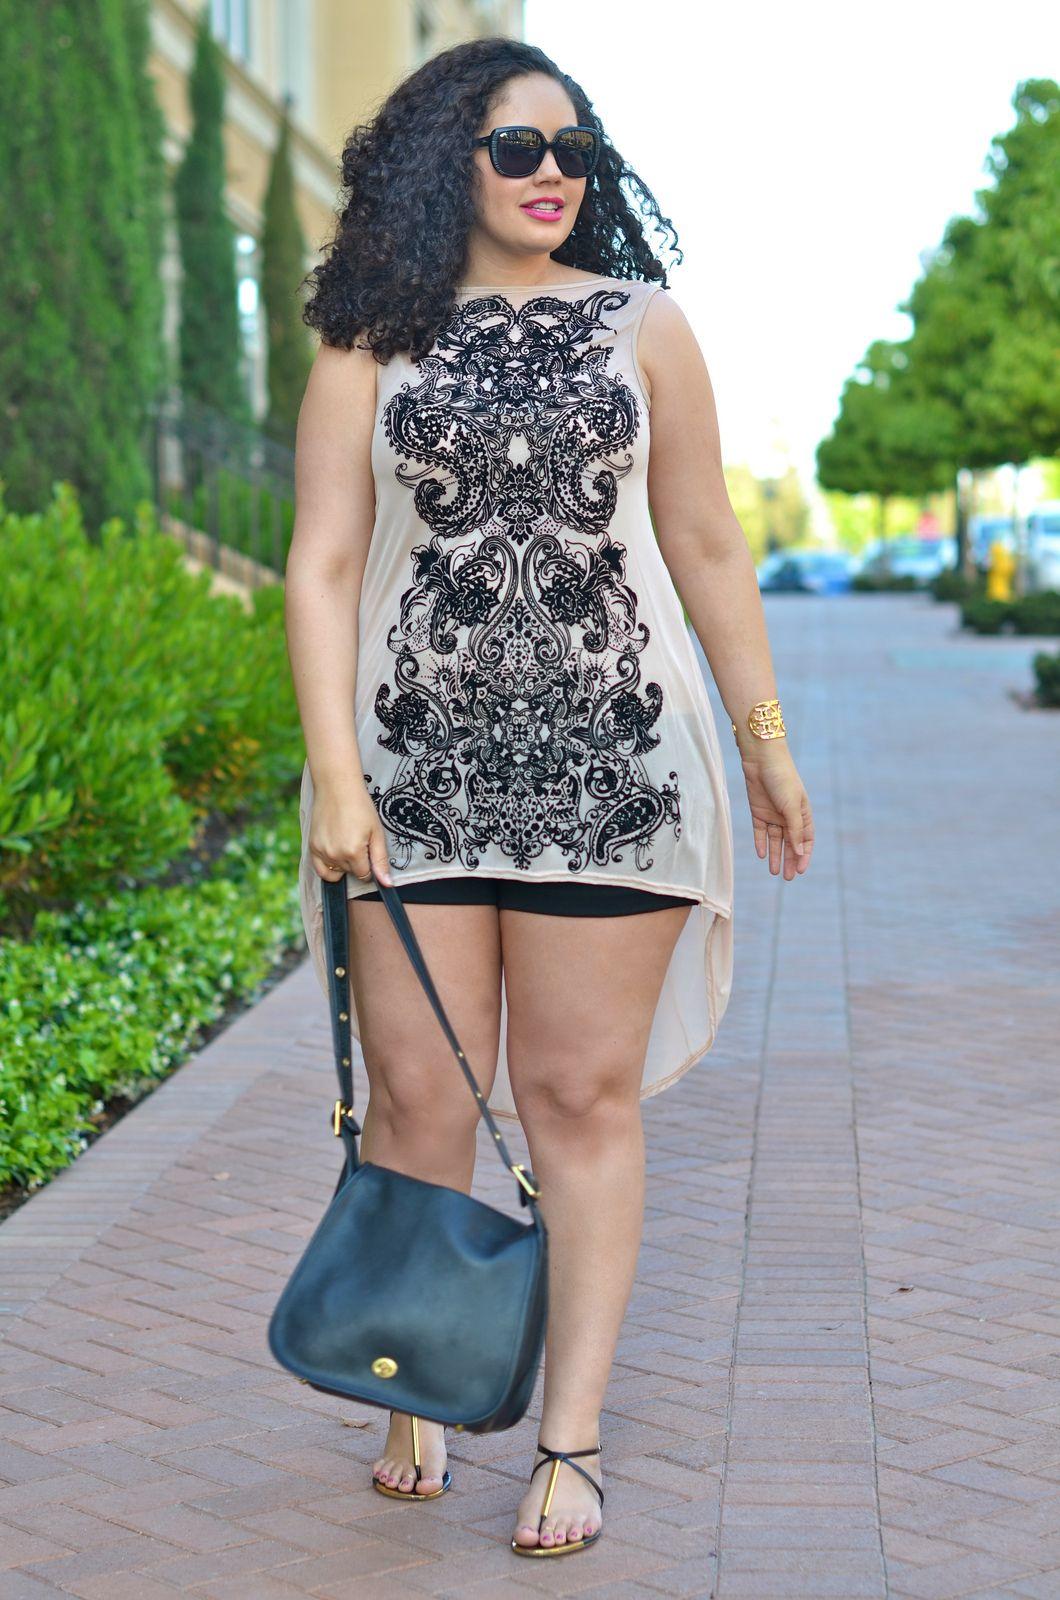 036ee4bac7 Tanesha Awasthi Tanesha Awasthi, Plus Size Fashion For Women, Size 16 Women,  Vacation